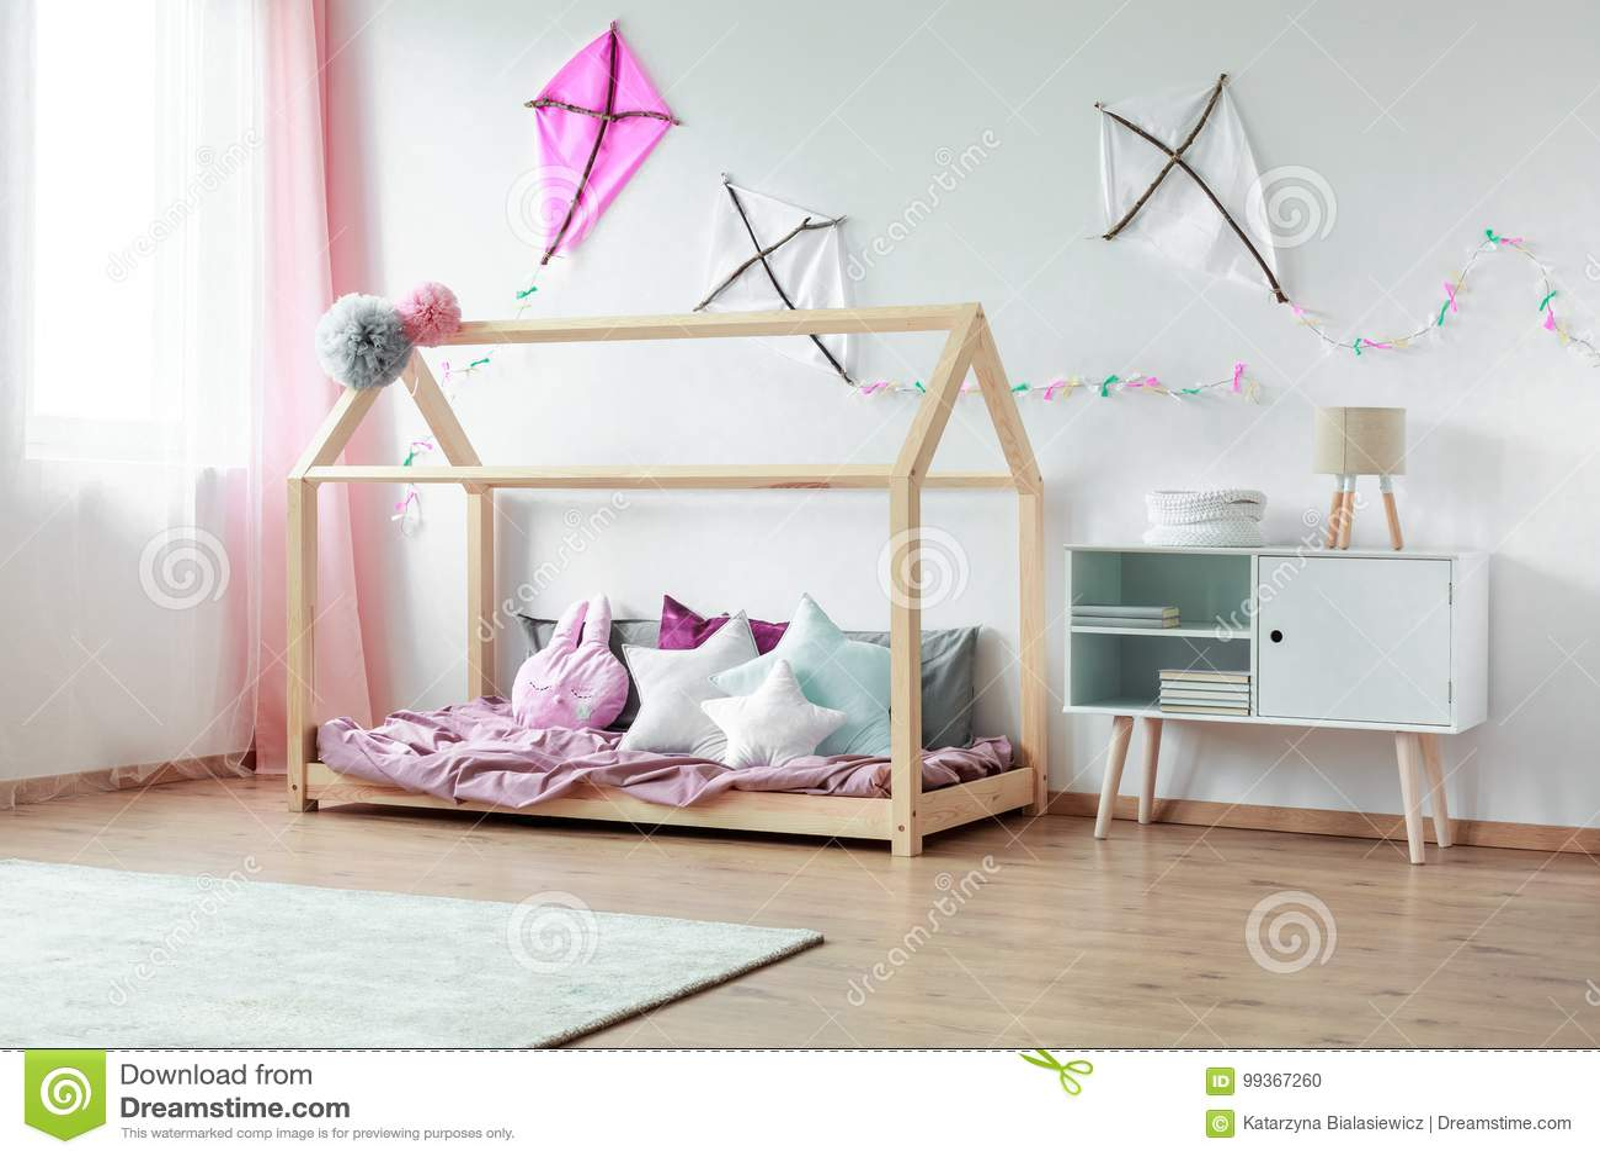 Schlafzimmer Mit Schrank Und Drachen Stockfoto - Bild von cozy, haus ...